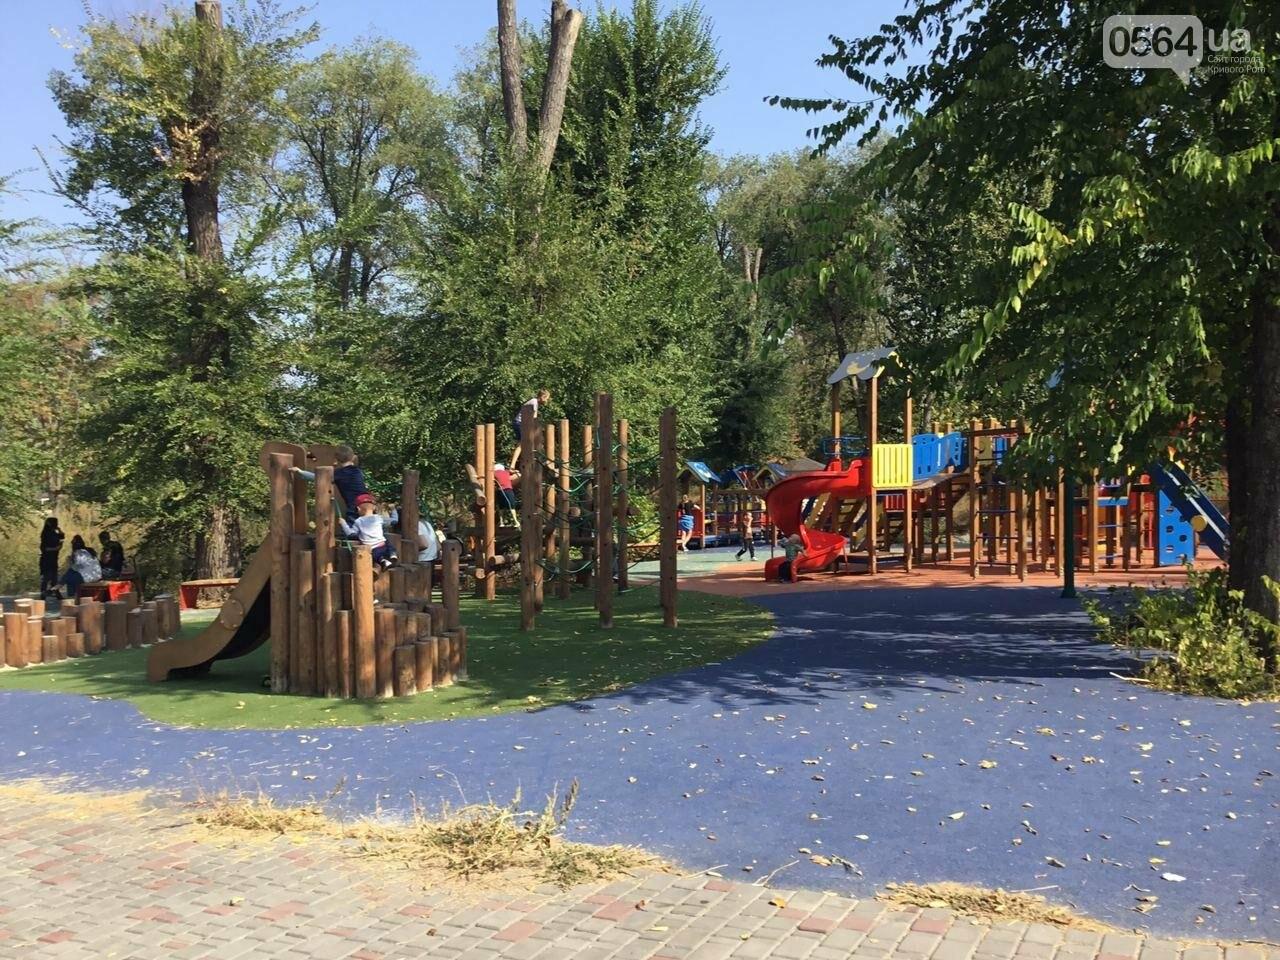 """""""Политика и бесхозяйственность"""", - криворожане поделились мнениями о Гданцевском парке, - ФОТО, ВИДЕО, фото-16"""